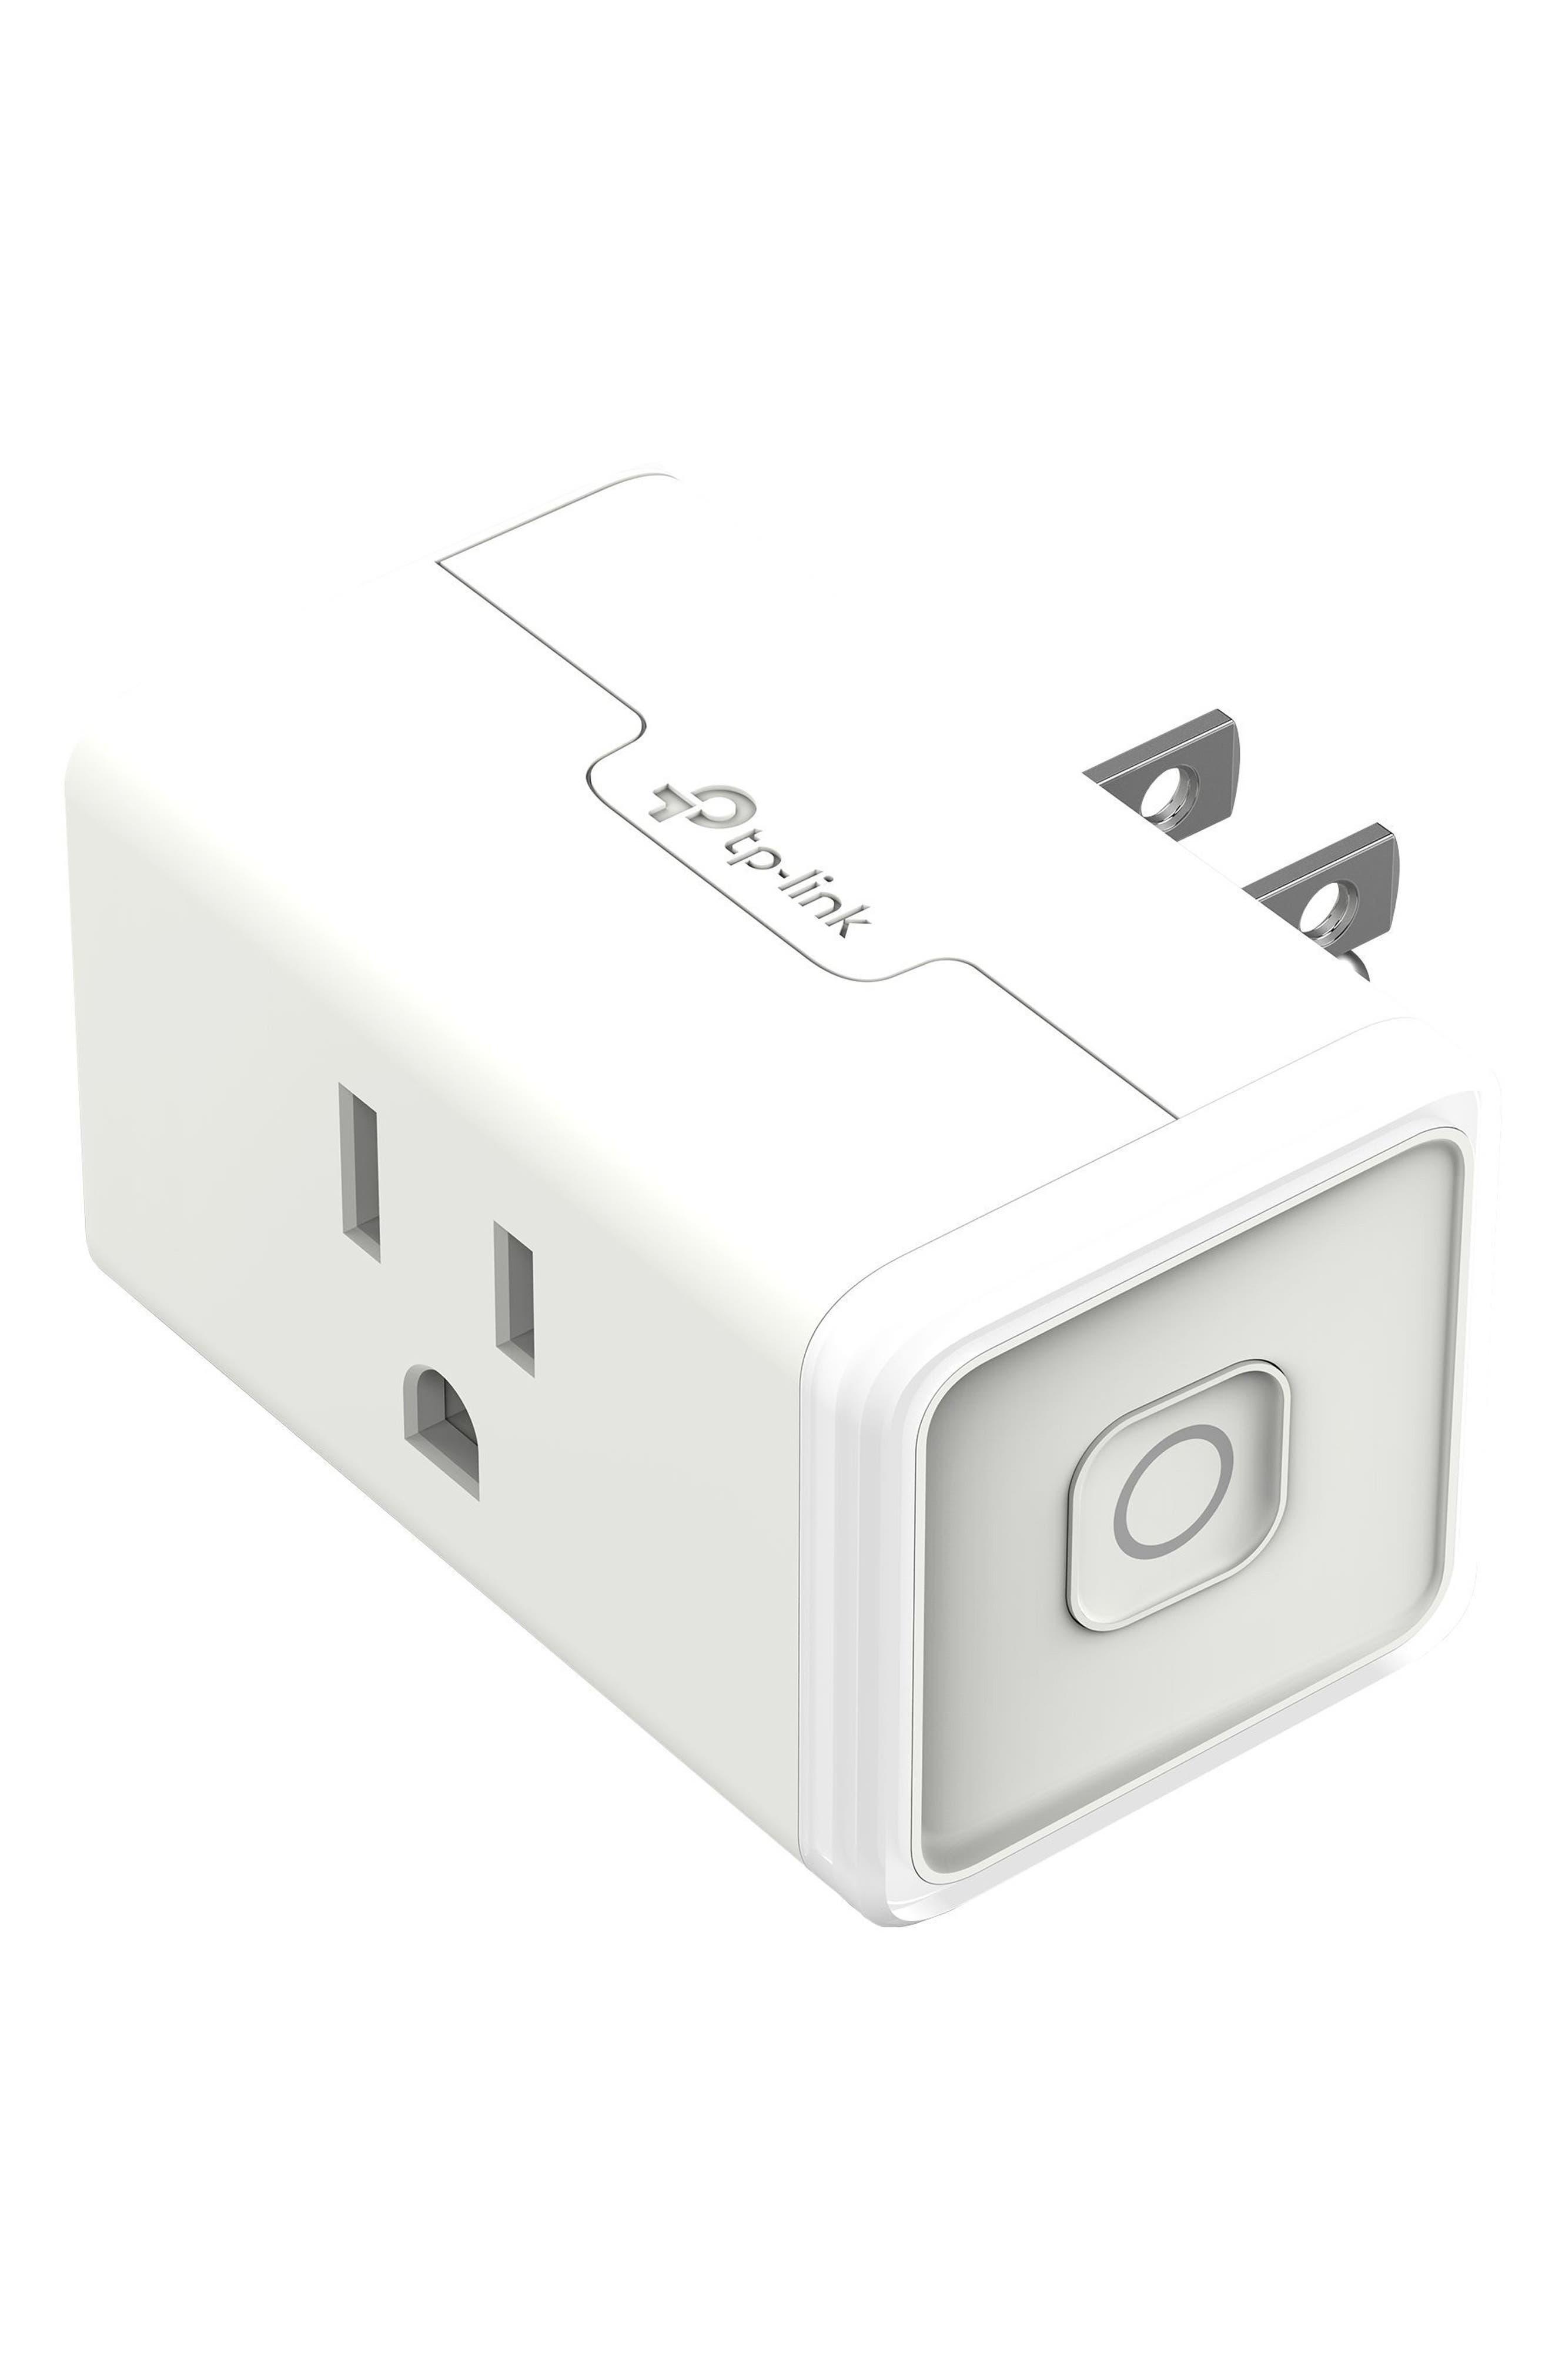 TP-Link Smart Wi-Fi Mini Plug